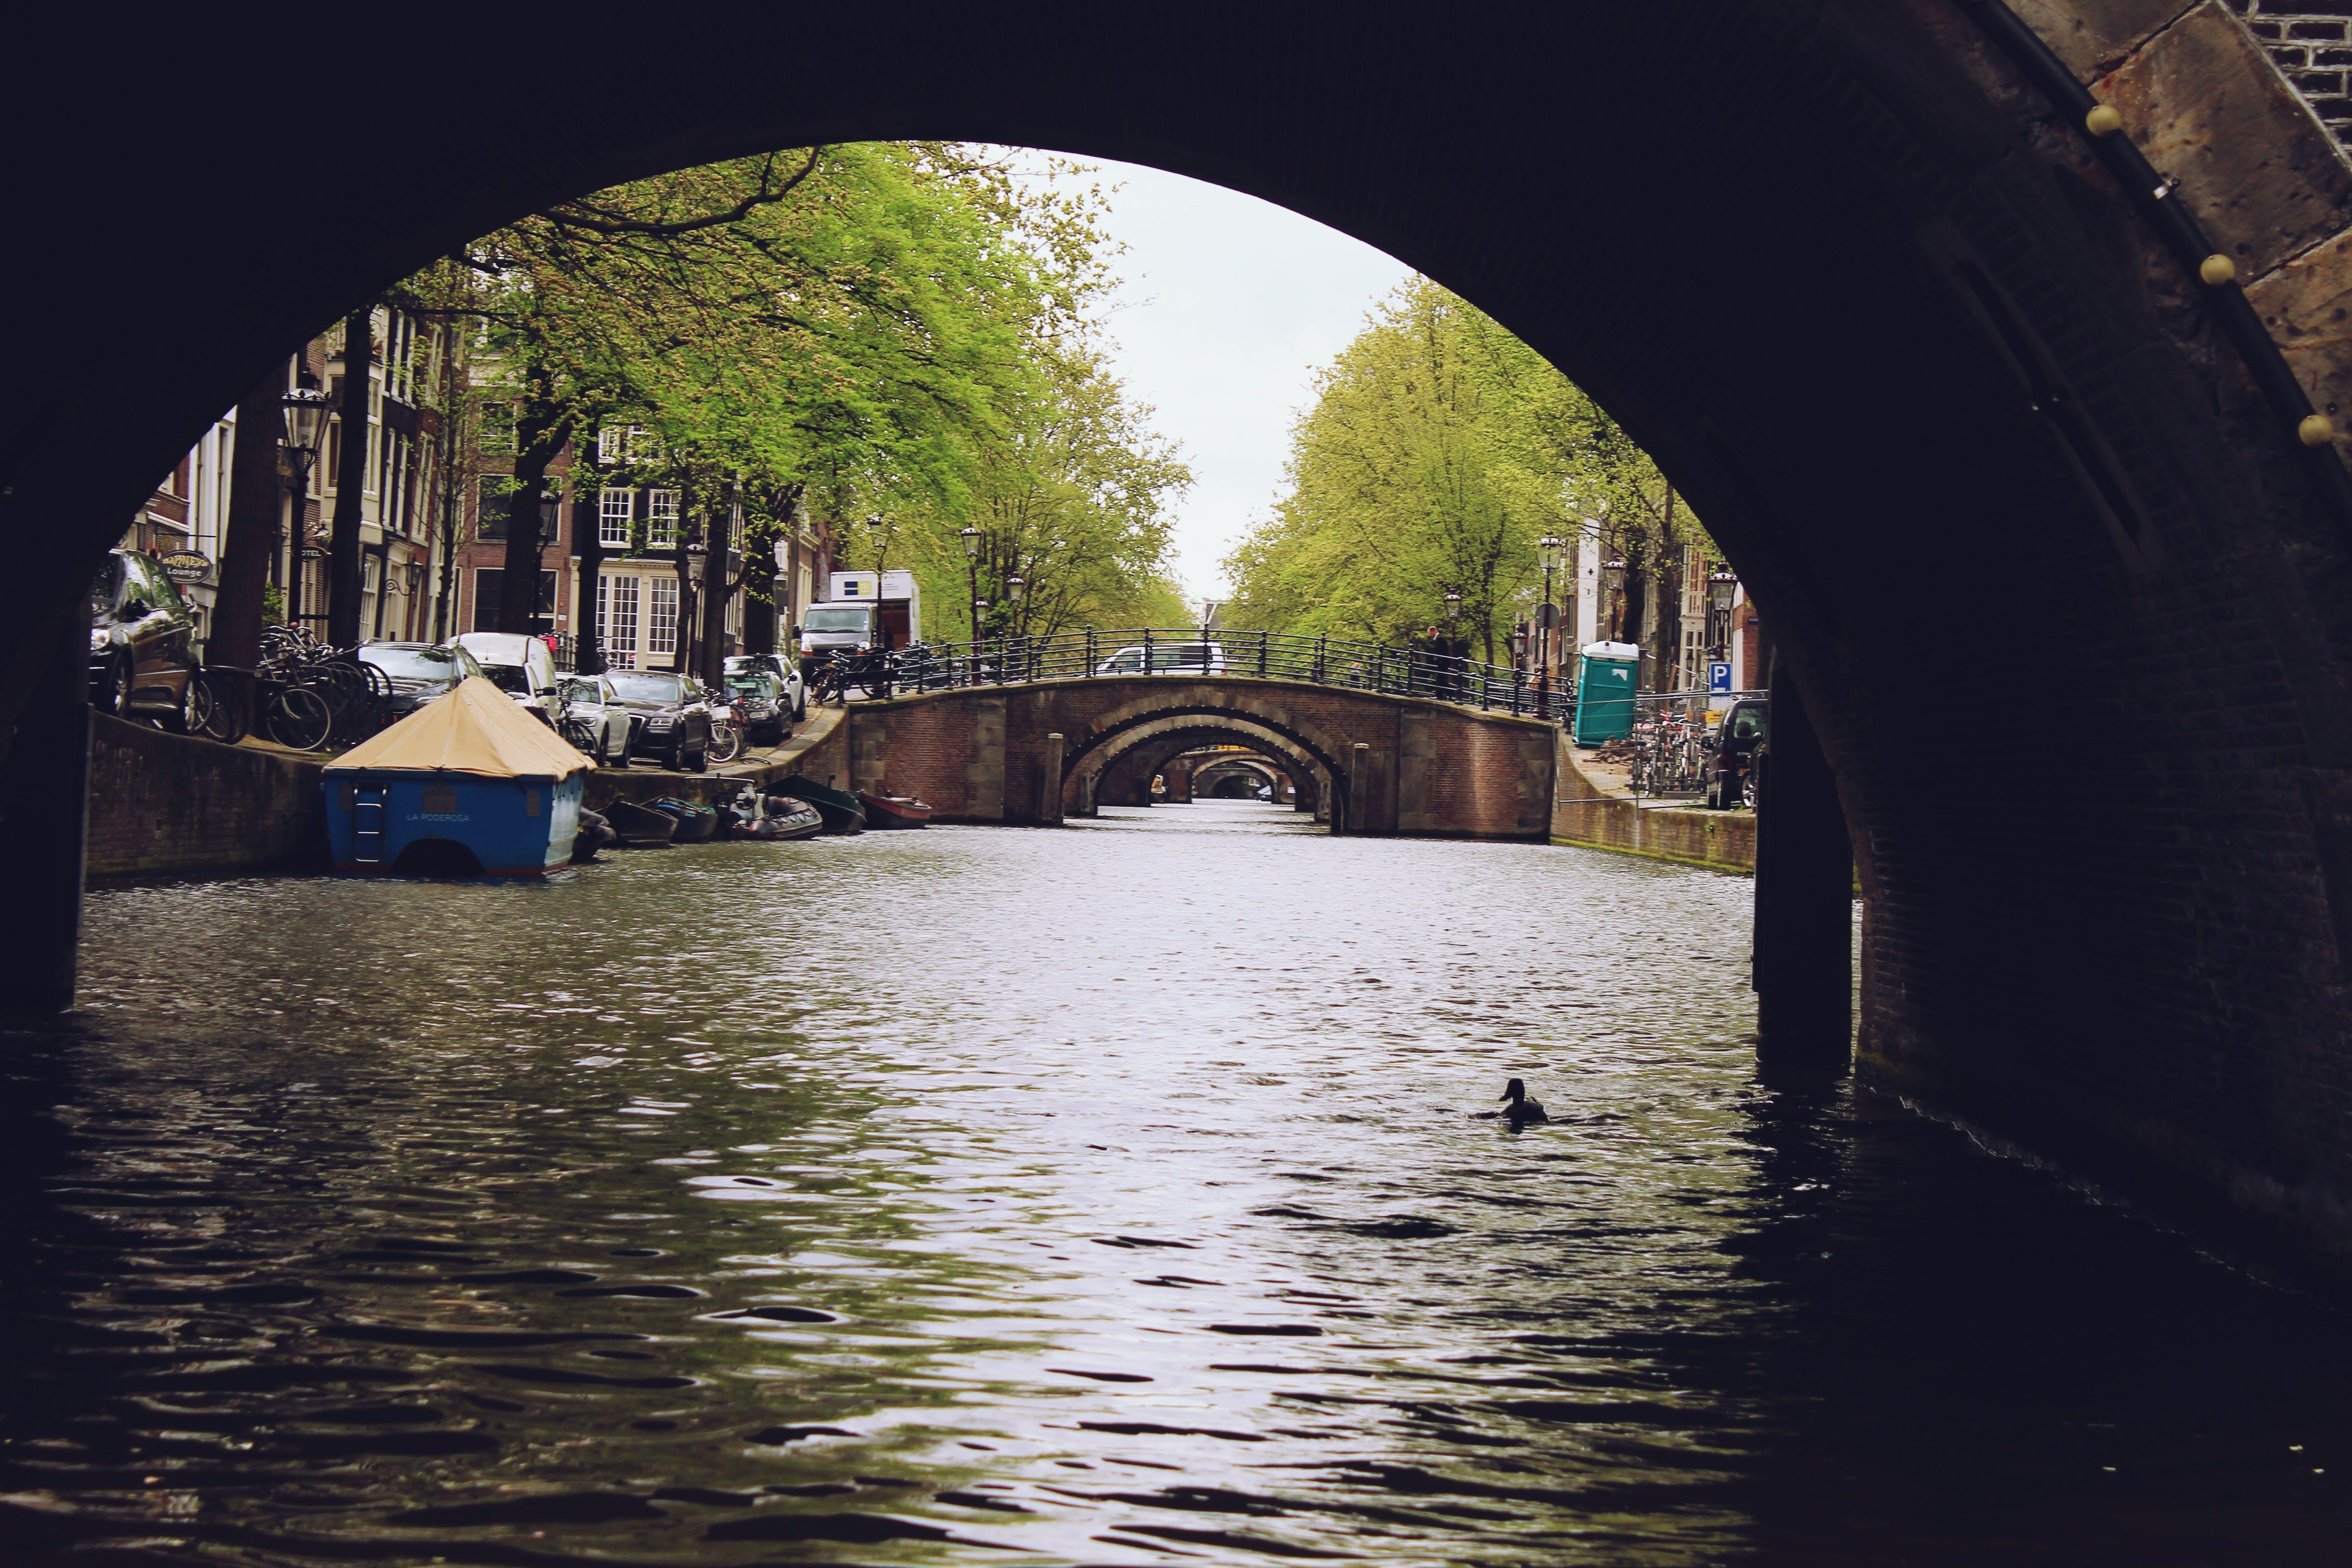 傳統服飾, 樹, 水, 荷蘭 的 免费素材照片